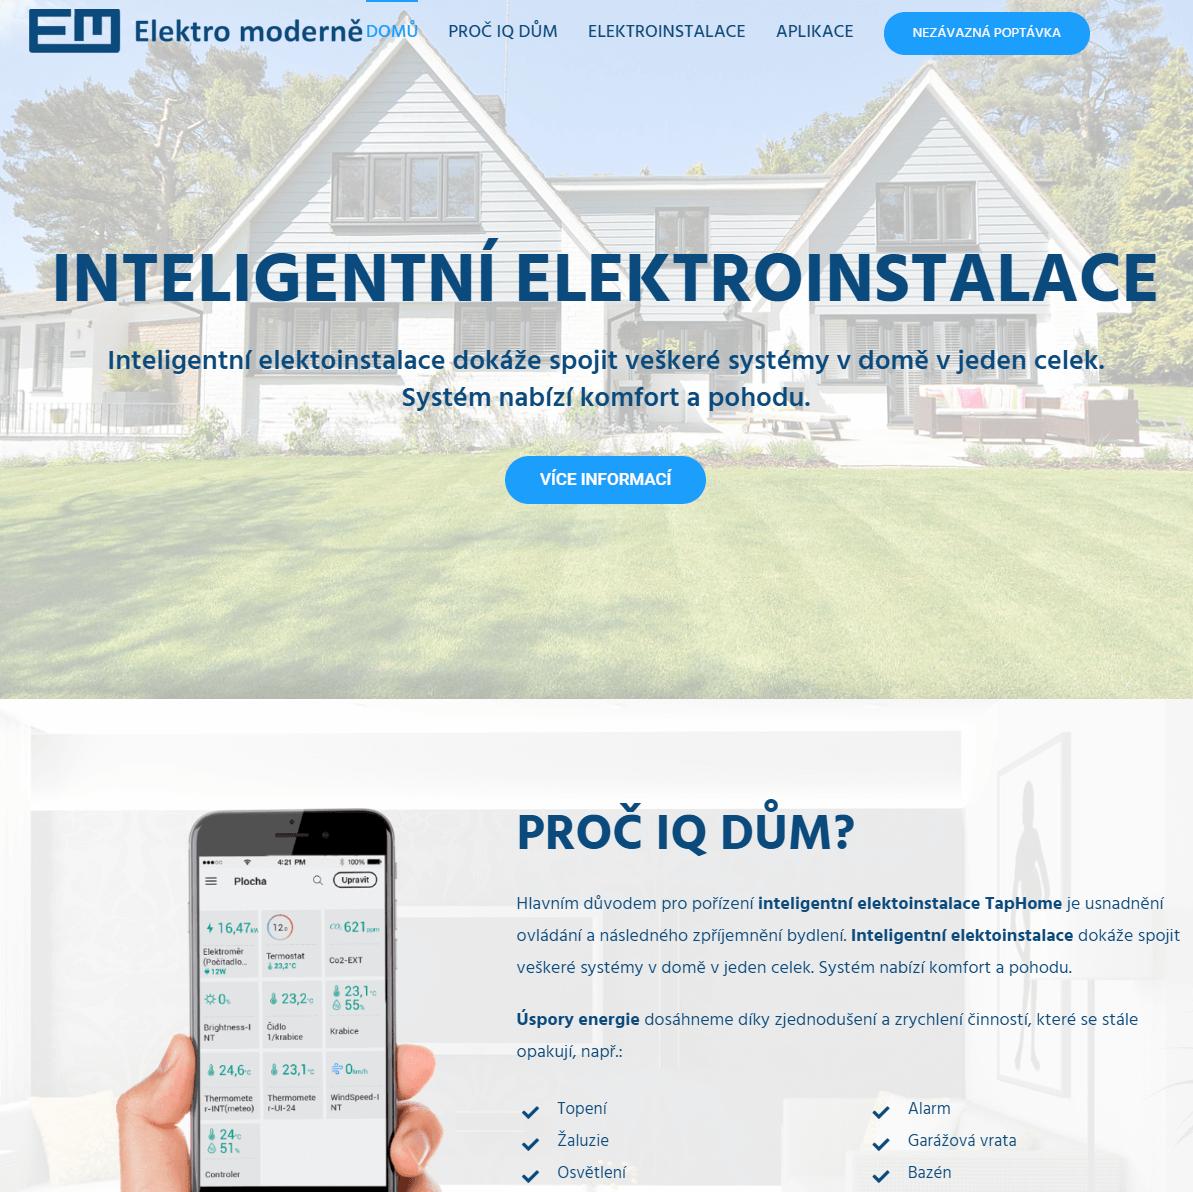 Náhled na tvorbu webu Elektro moderně